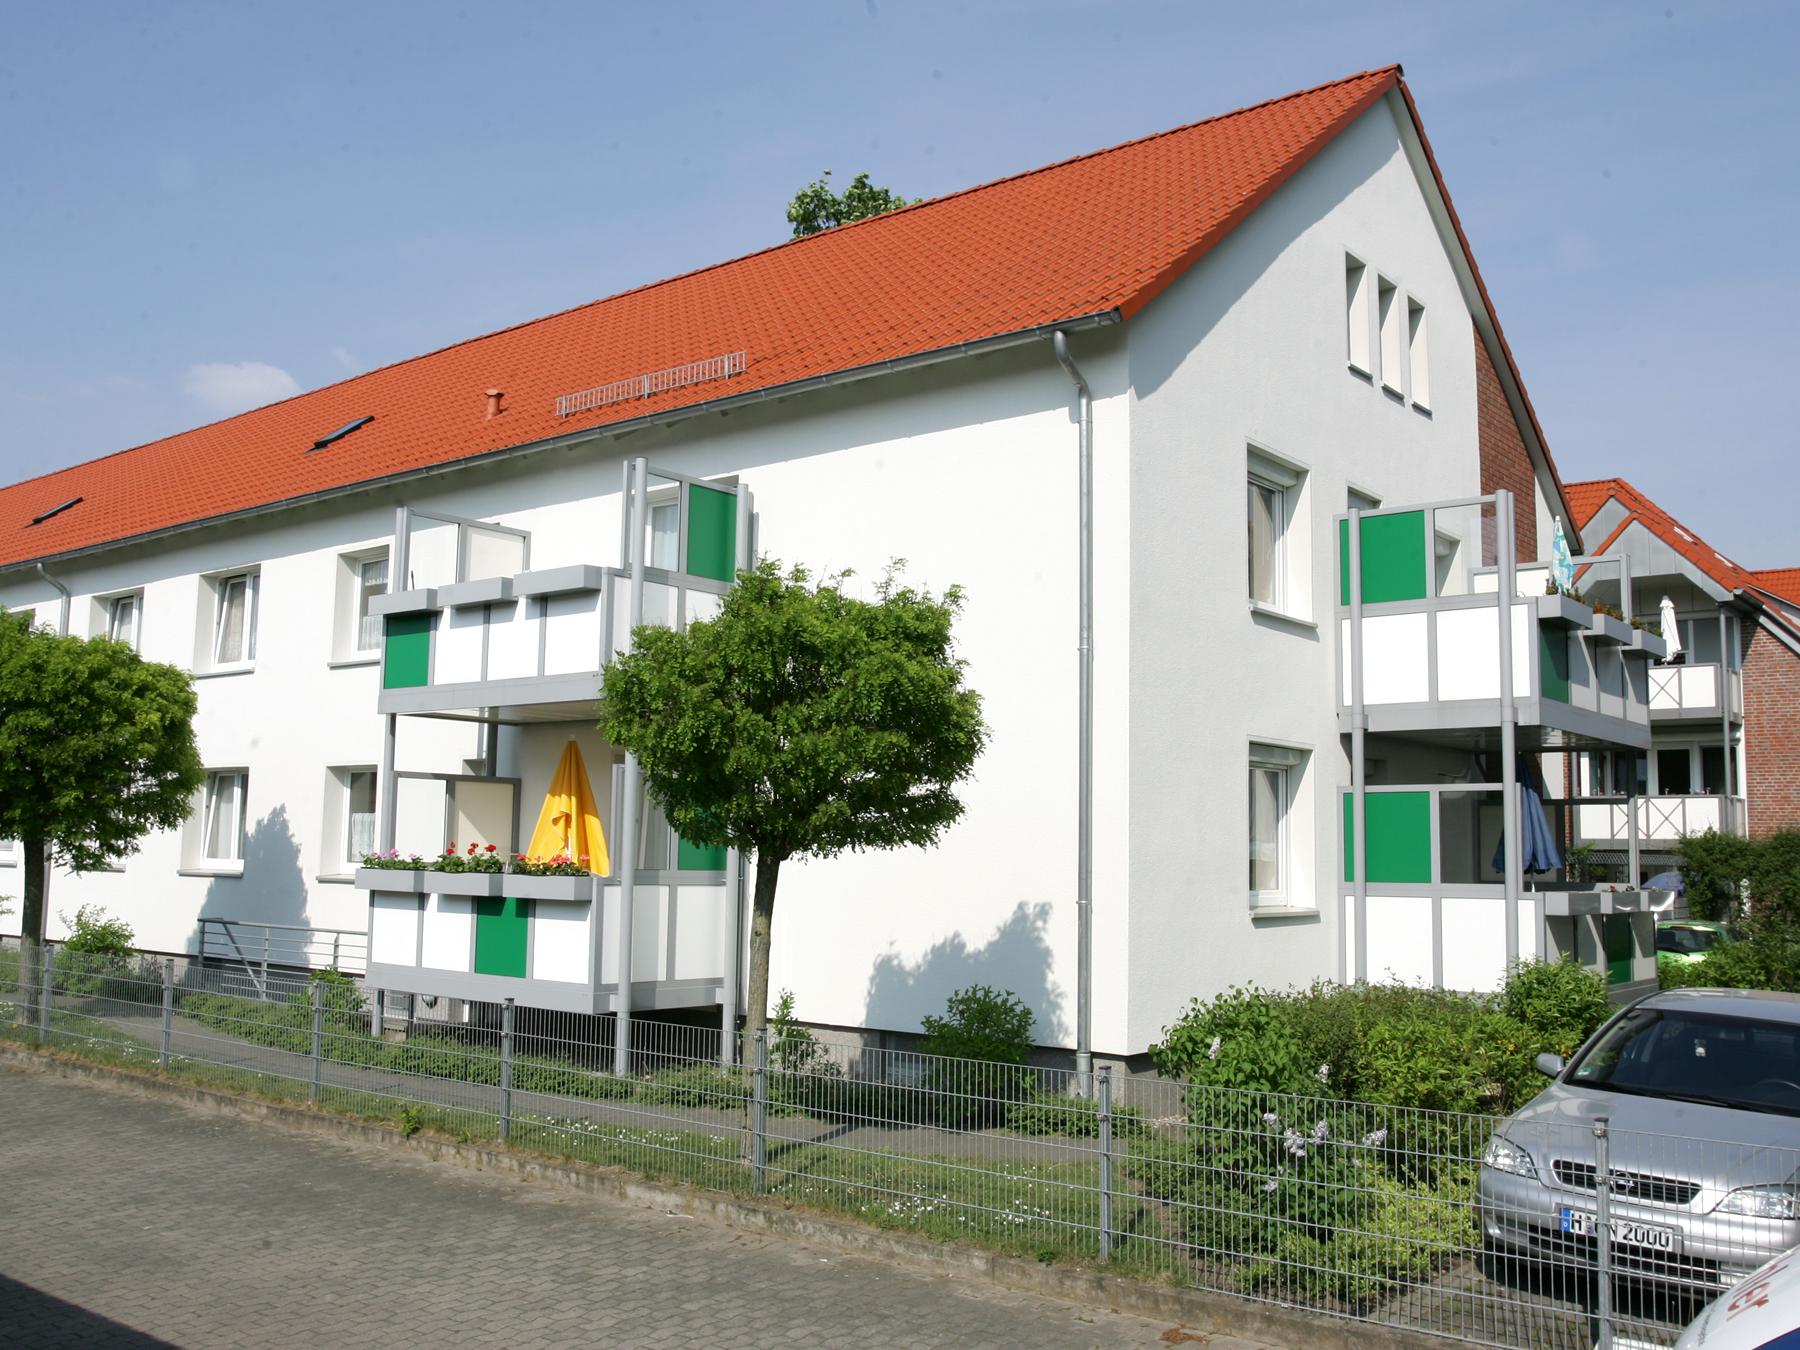 Julius-Fengler-Straße 37 - 39.jpg